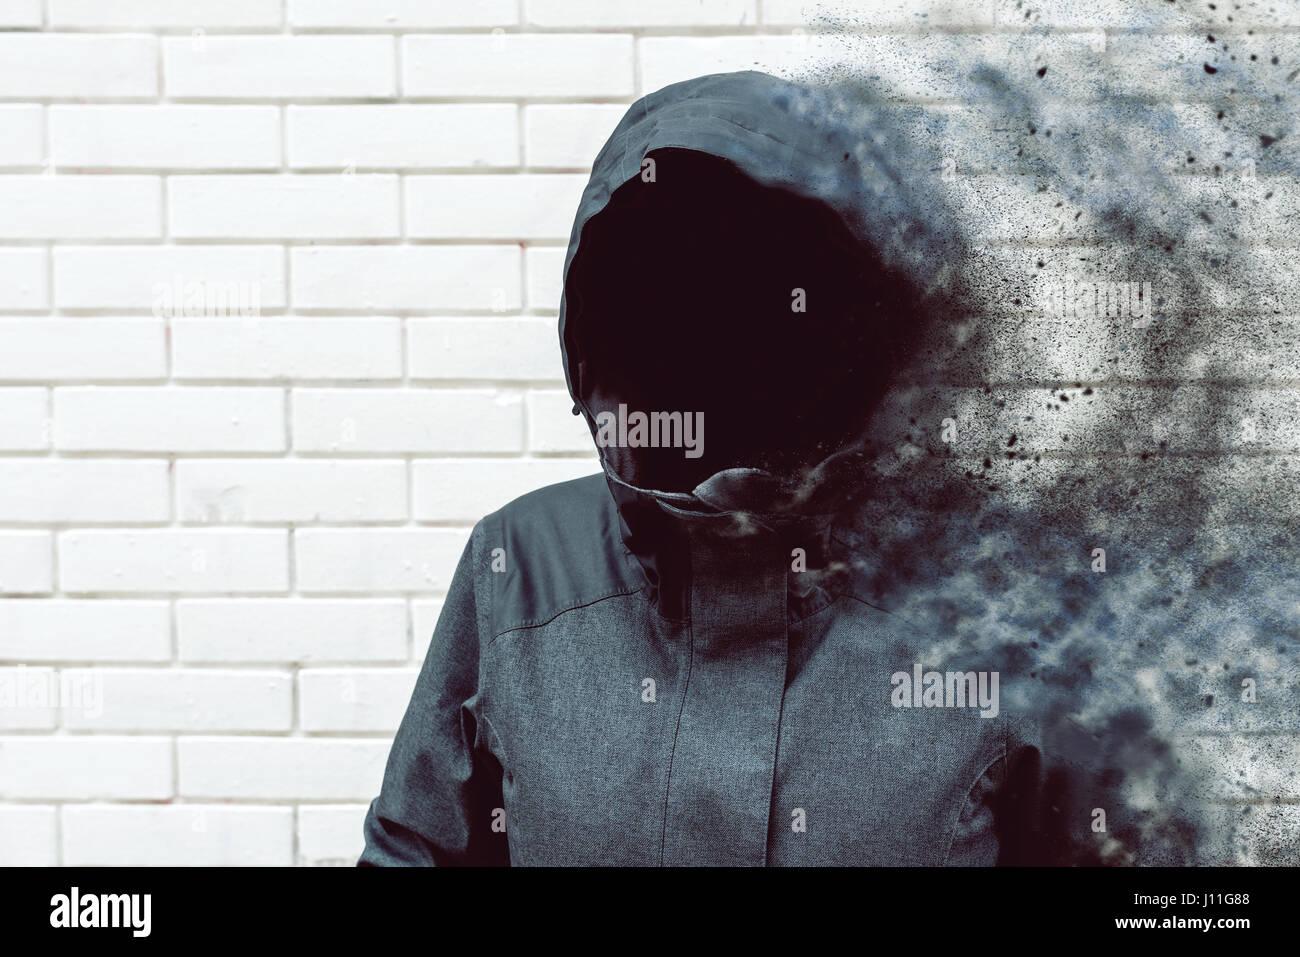 Le souffle de la pensée pensées, à capuchon blanc sans visage personne contre un mur de briques Photo Stock